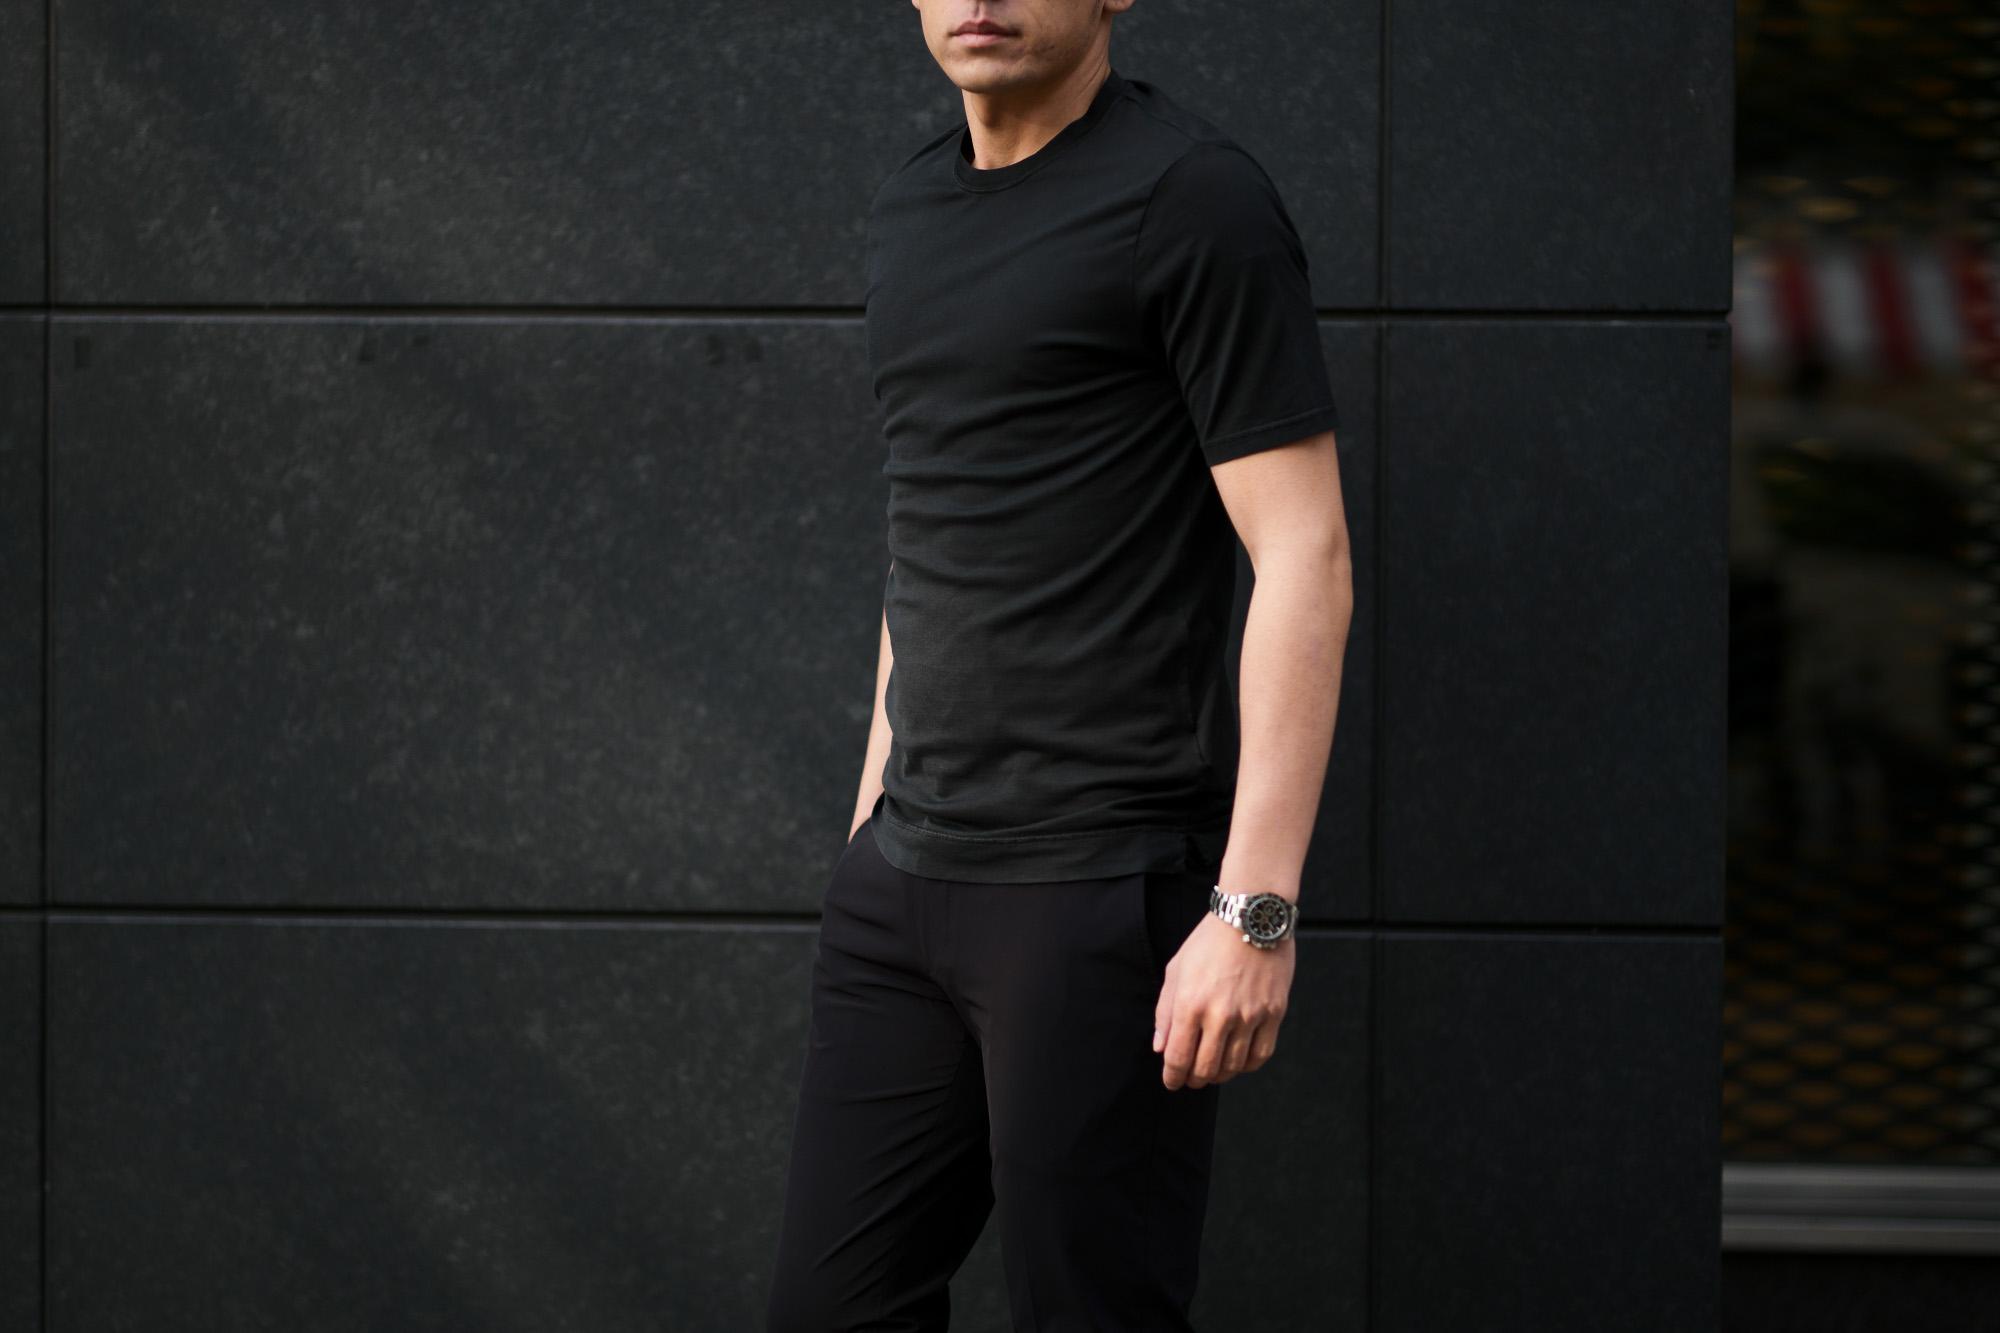 FEDELI(フェデーリ) Crew Neck T-shirt (クルーネック Tシャツ) ギザコットン Tシャツ BLACK (ブラック・36) made in italy (イタリア製) 2020 春夏新作 【入荷しました】【フリー分発売開始】 愛知 名古屋 altoediritto アルトエデリット TEE